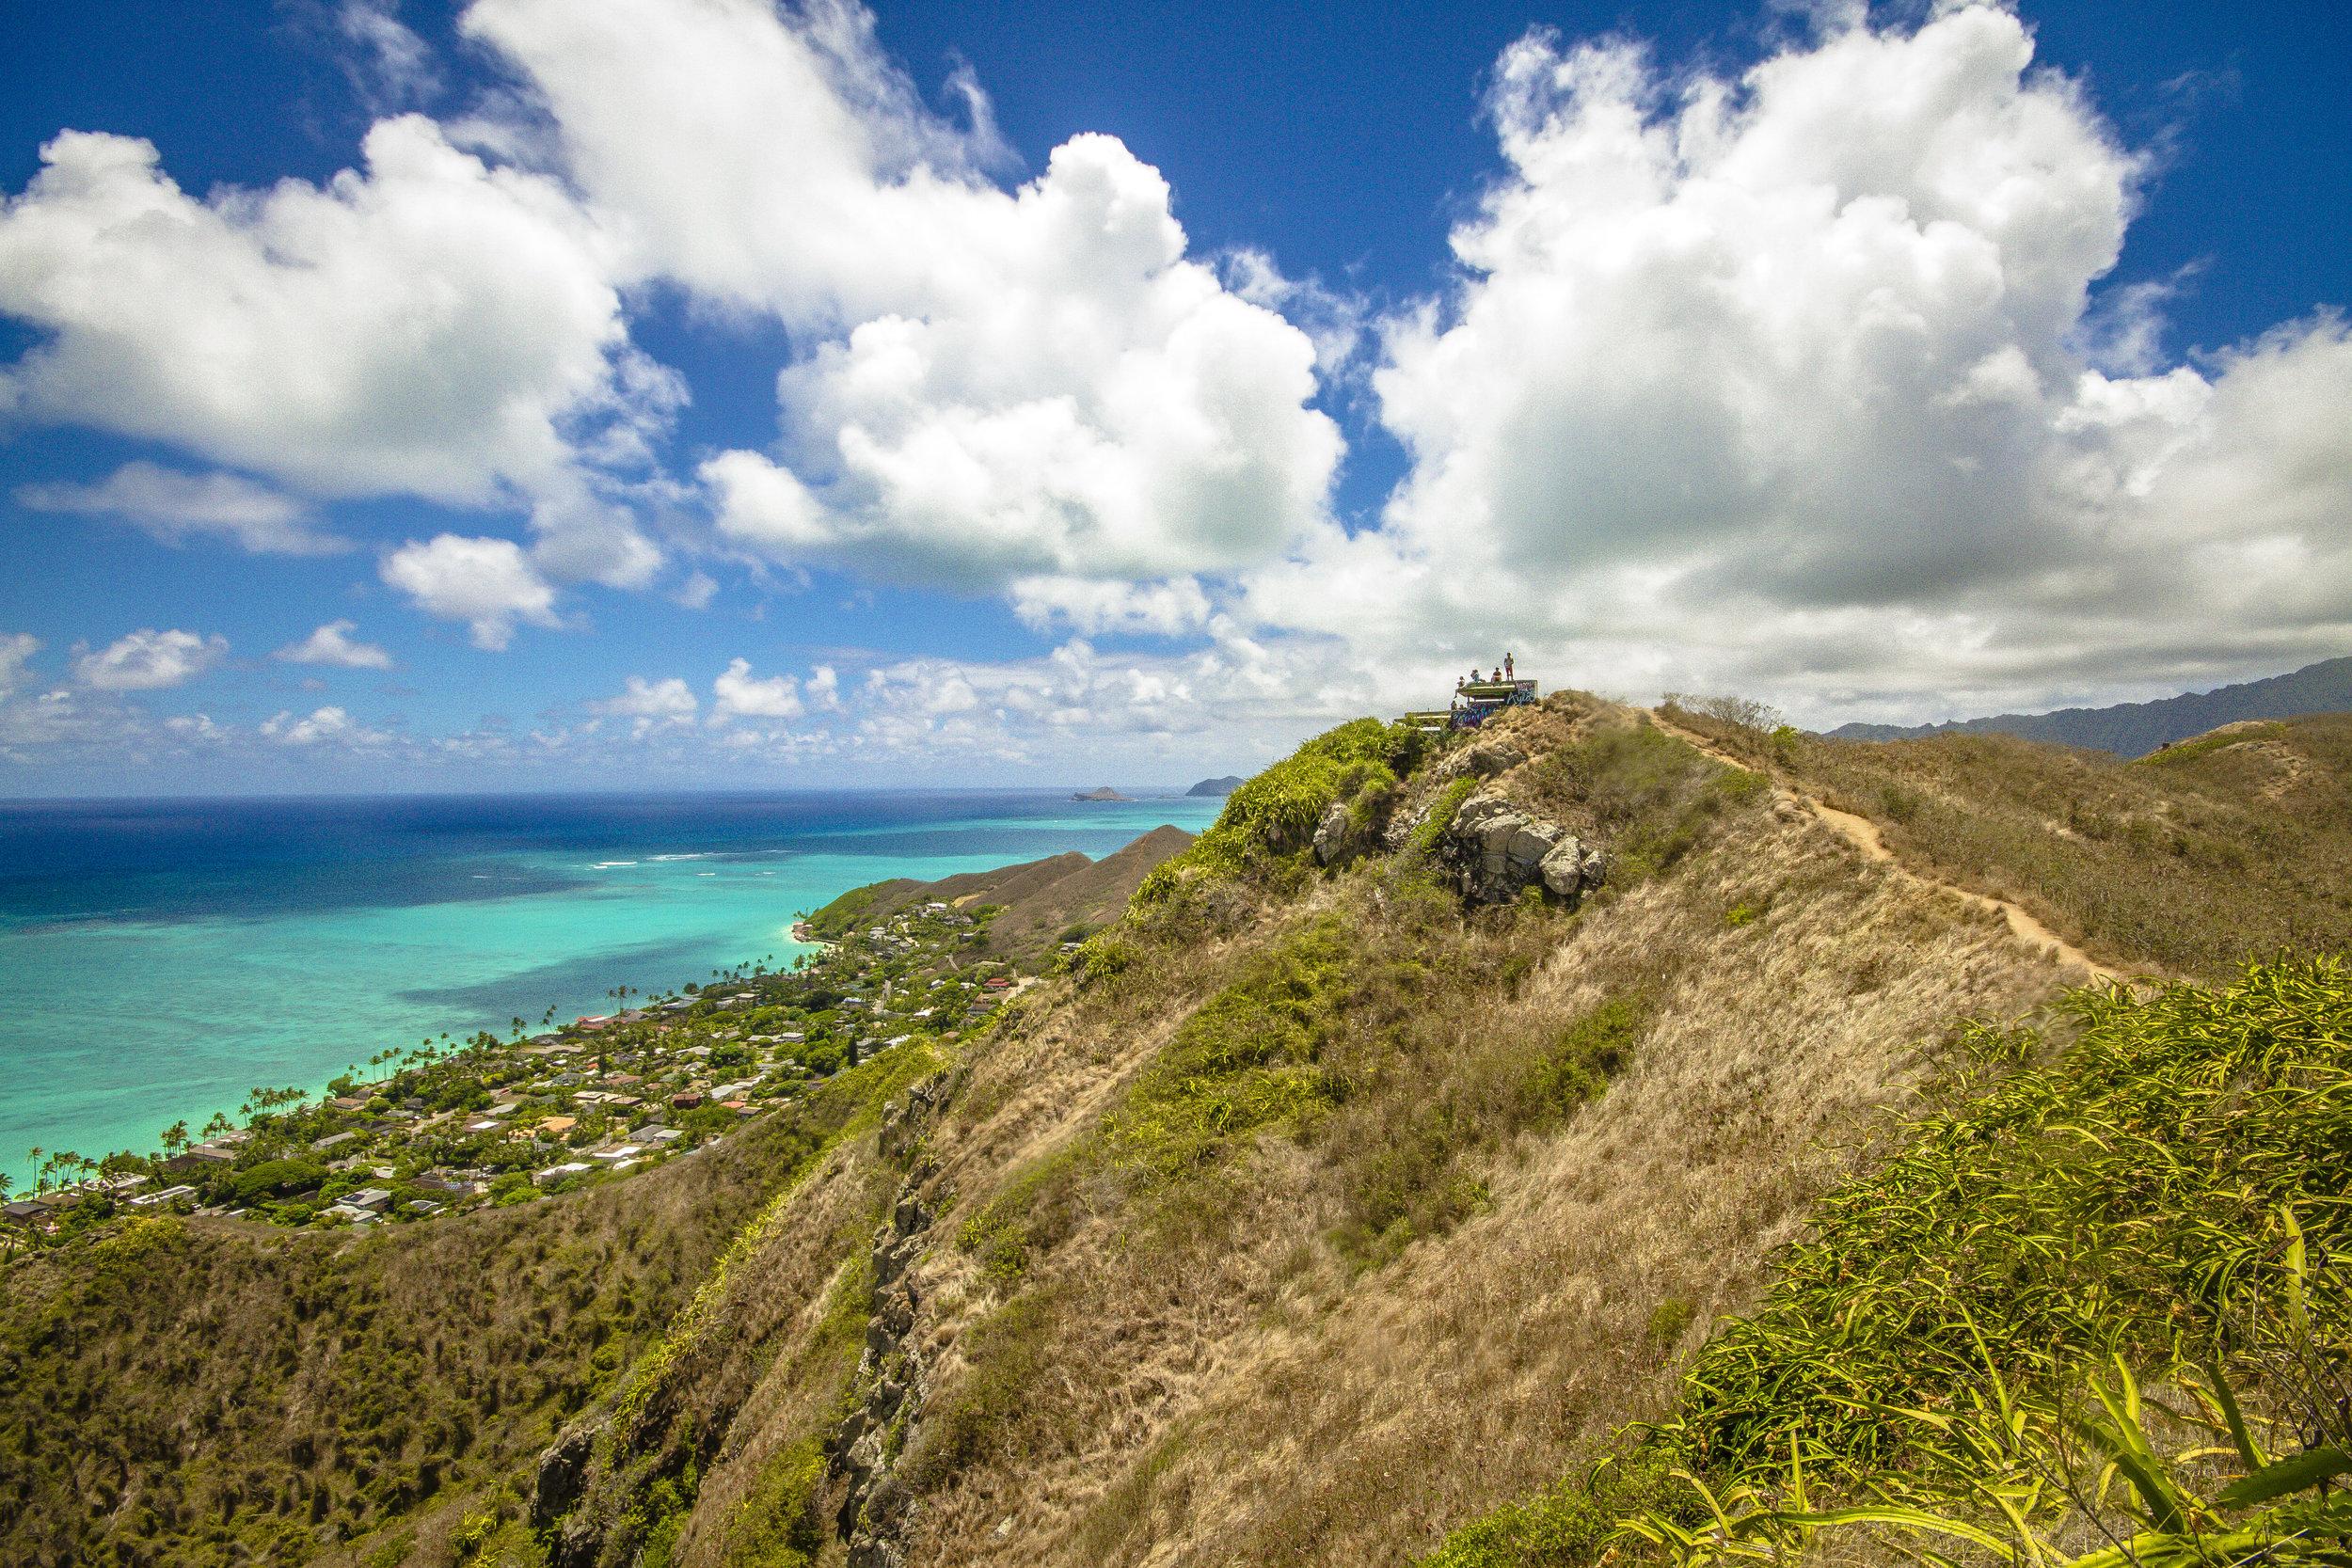 hawaii_day03_065.jpg